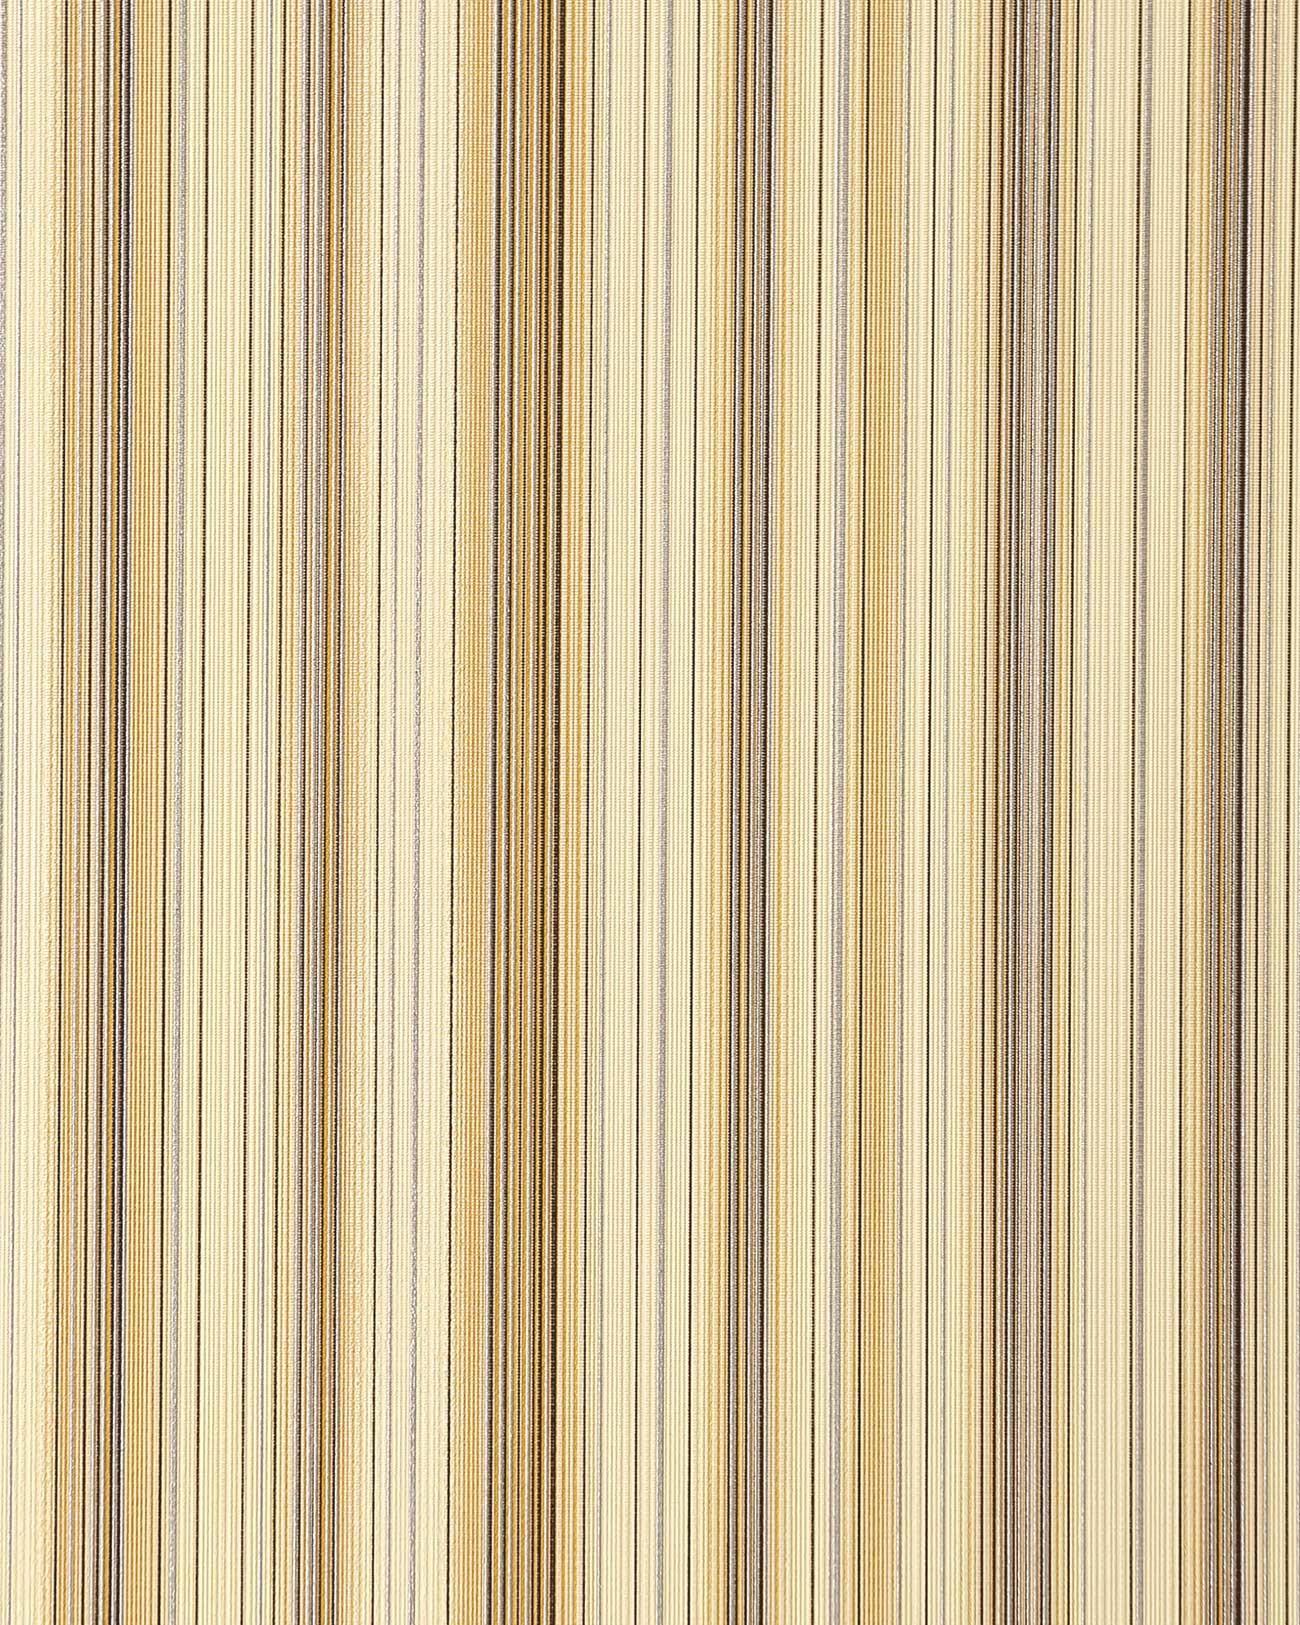 Картинки коричневые волосы с чёрными концами - f0